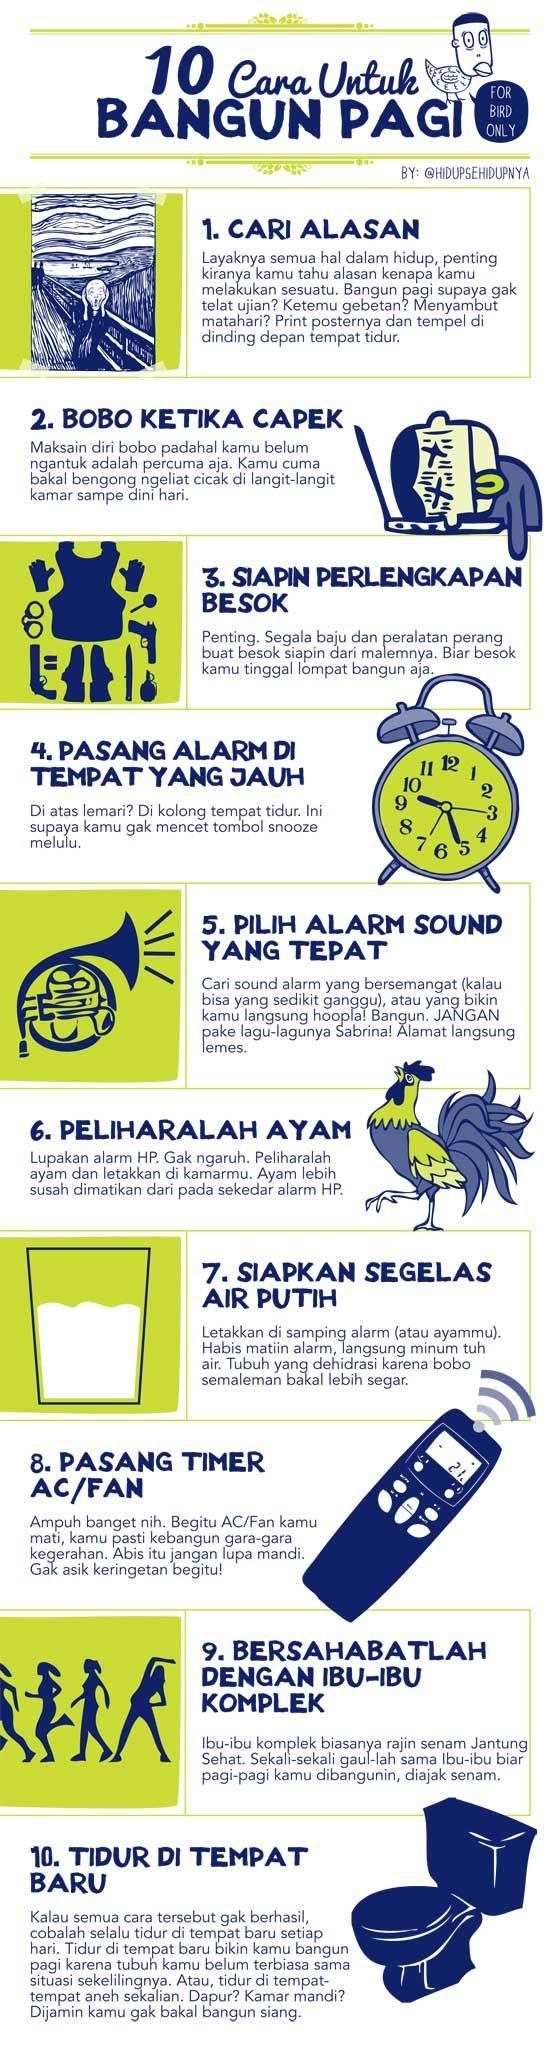 10 Cara Untuk Bangun Pagi